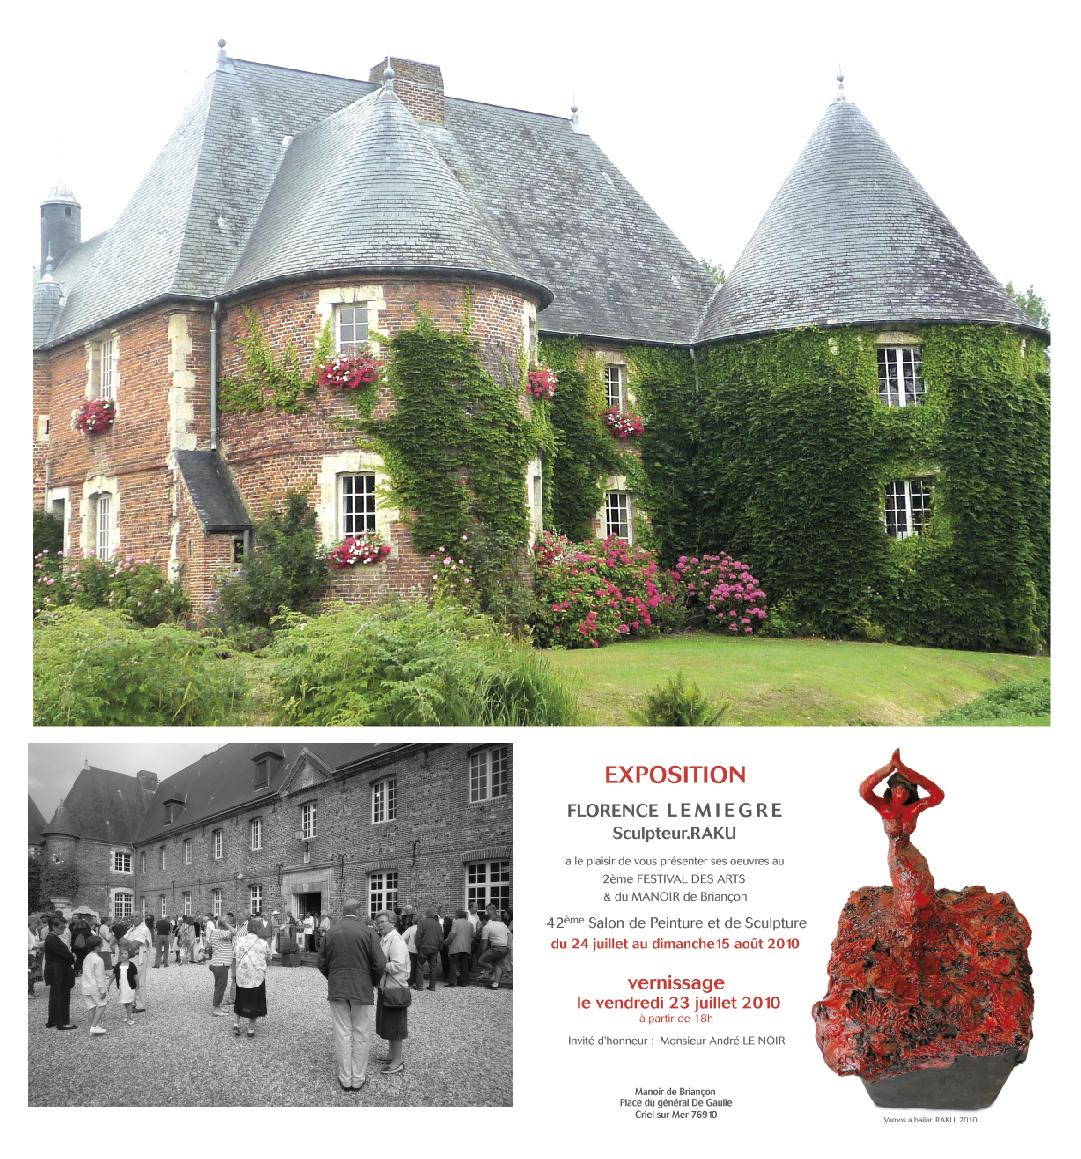 42e Salon des Amis des Arts du Manoir de Briançon - Criel-sur-Mer - Sculptures Céramique de Florence Lemiegre